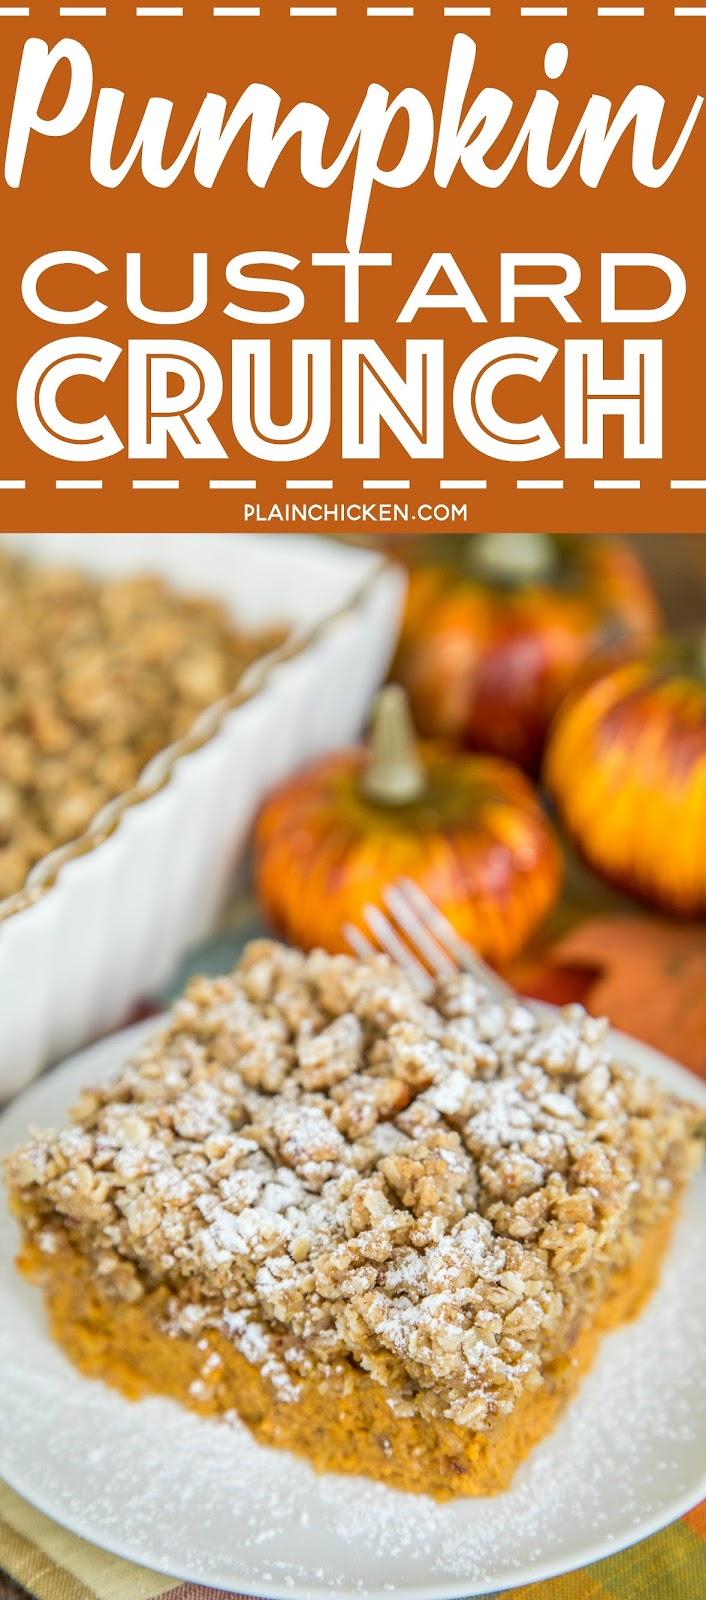 Pumpkin Custard Crunch - Plain Chicken